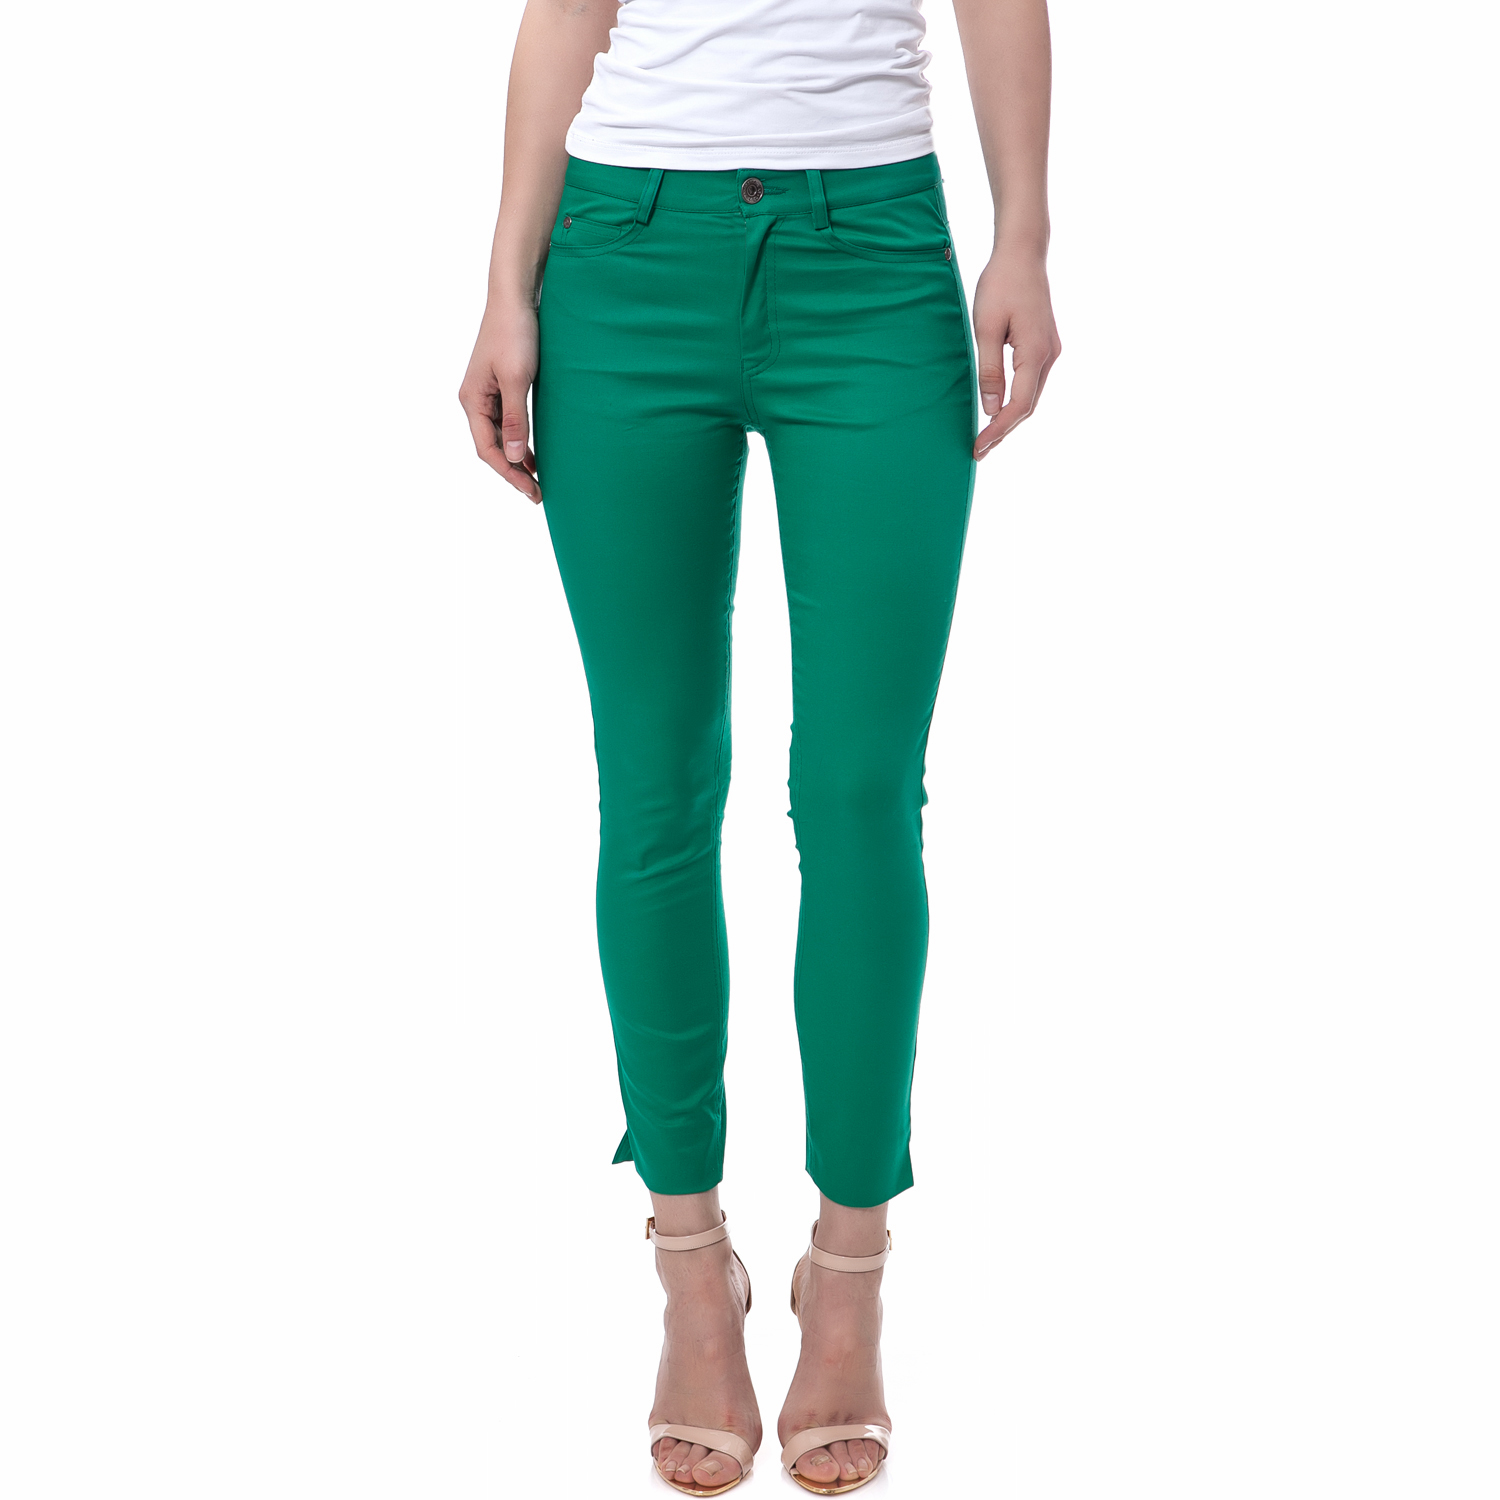 TEA & ROSE - Γυναικείο παντελόνι Tea & Rose πράσινο γυναικεία ρούχα παντελόνια casual